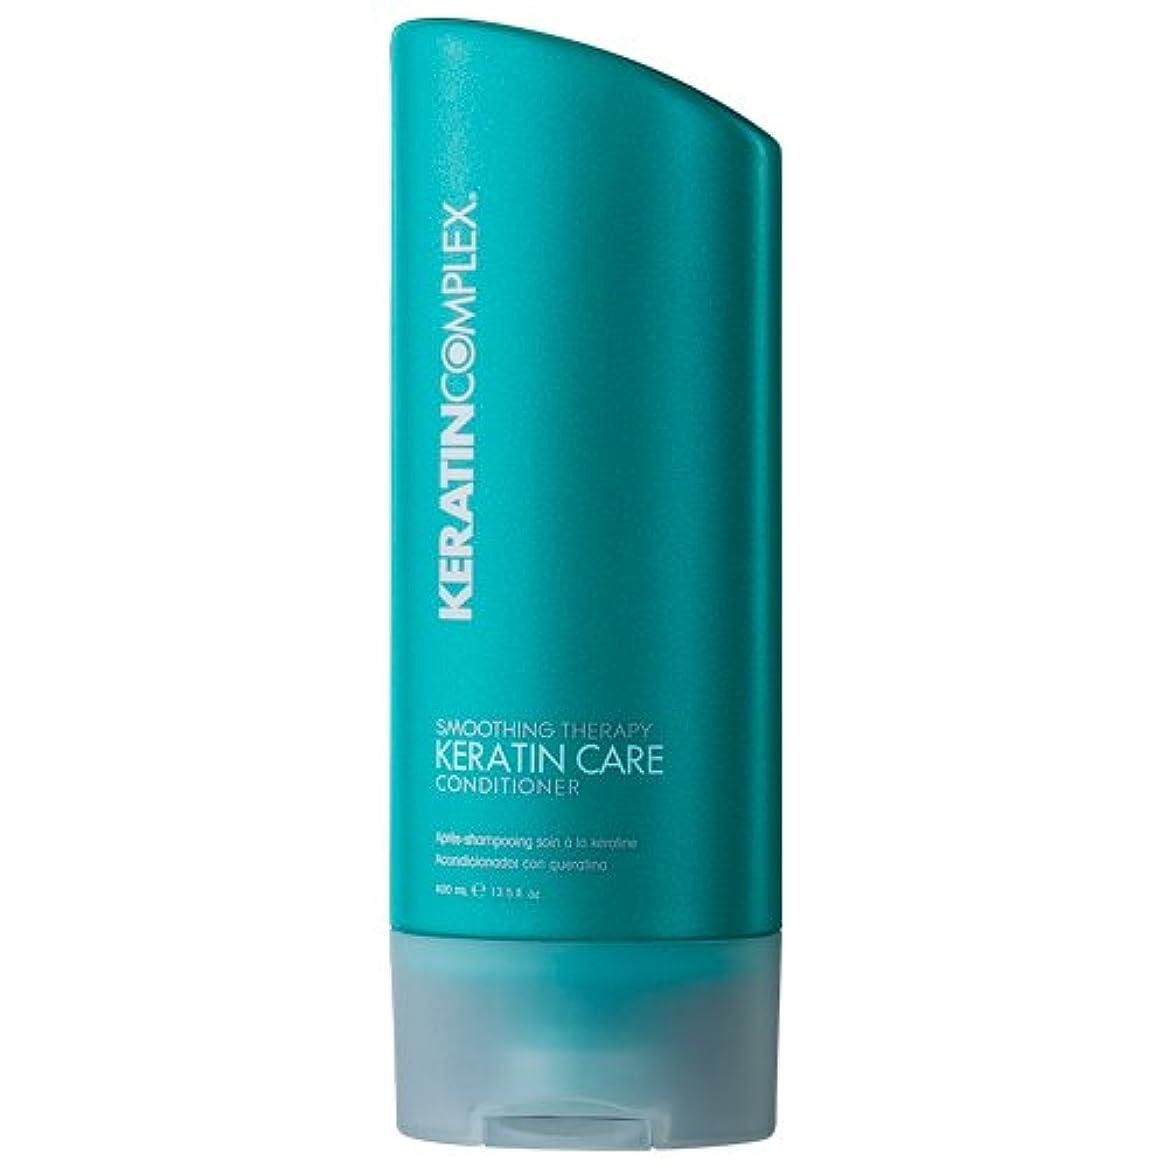 ブランチガジュマル国民投票Smoothing Therapy Keratin Care Conditioner (For All Hair Types) - 400ml/13.5oz